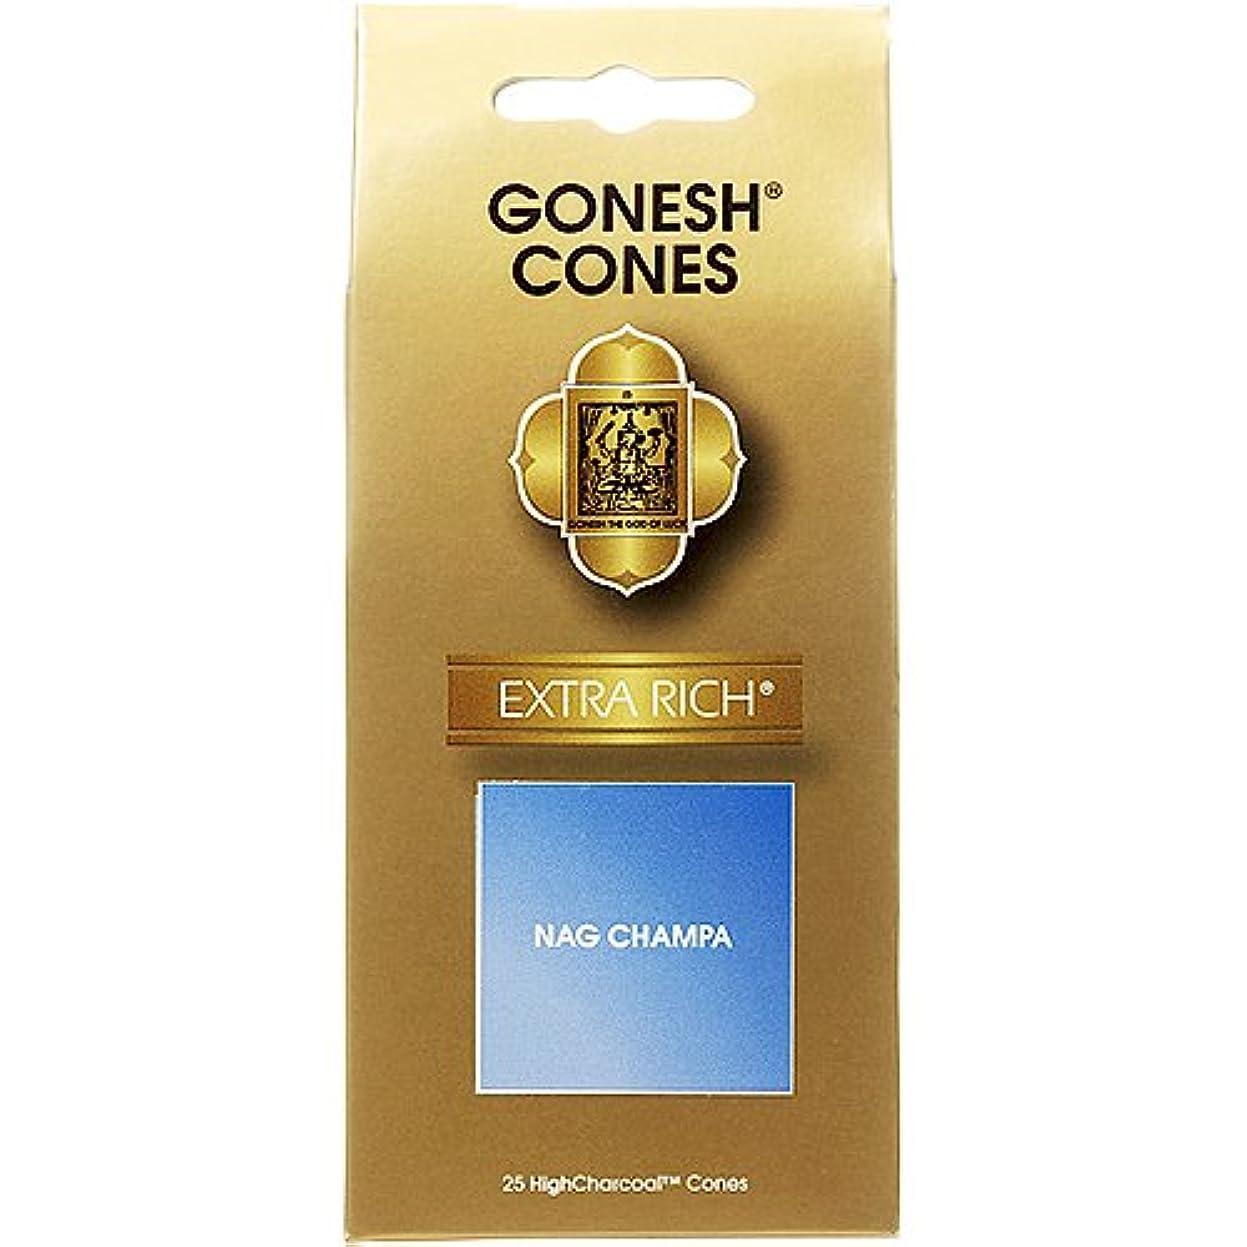 精査する超える立法ガーネッシュ(GONESH) エクストラリッチ インセンス コーン ナグチャンパ 25ヶ入